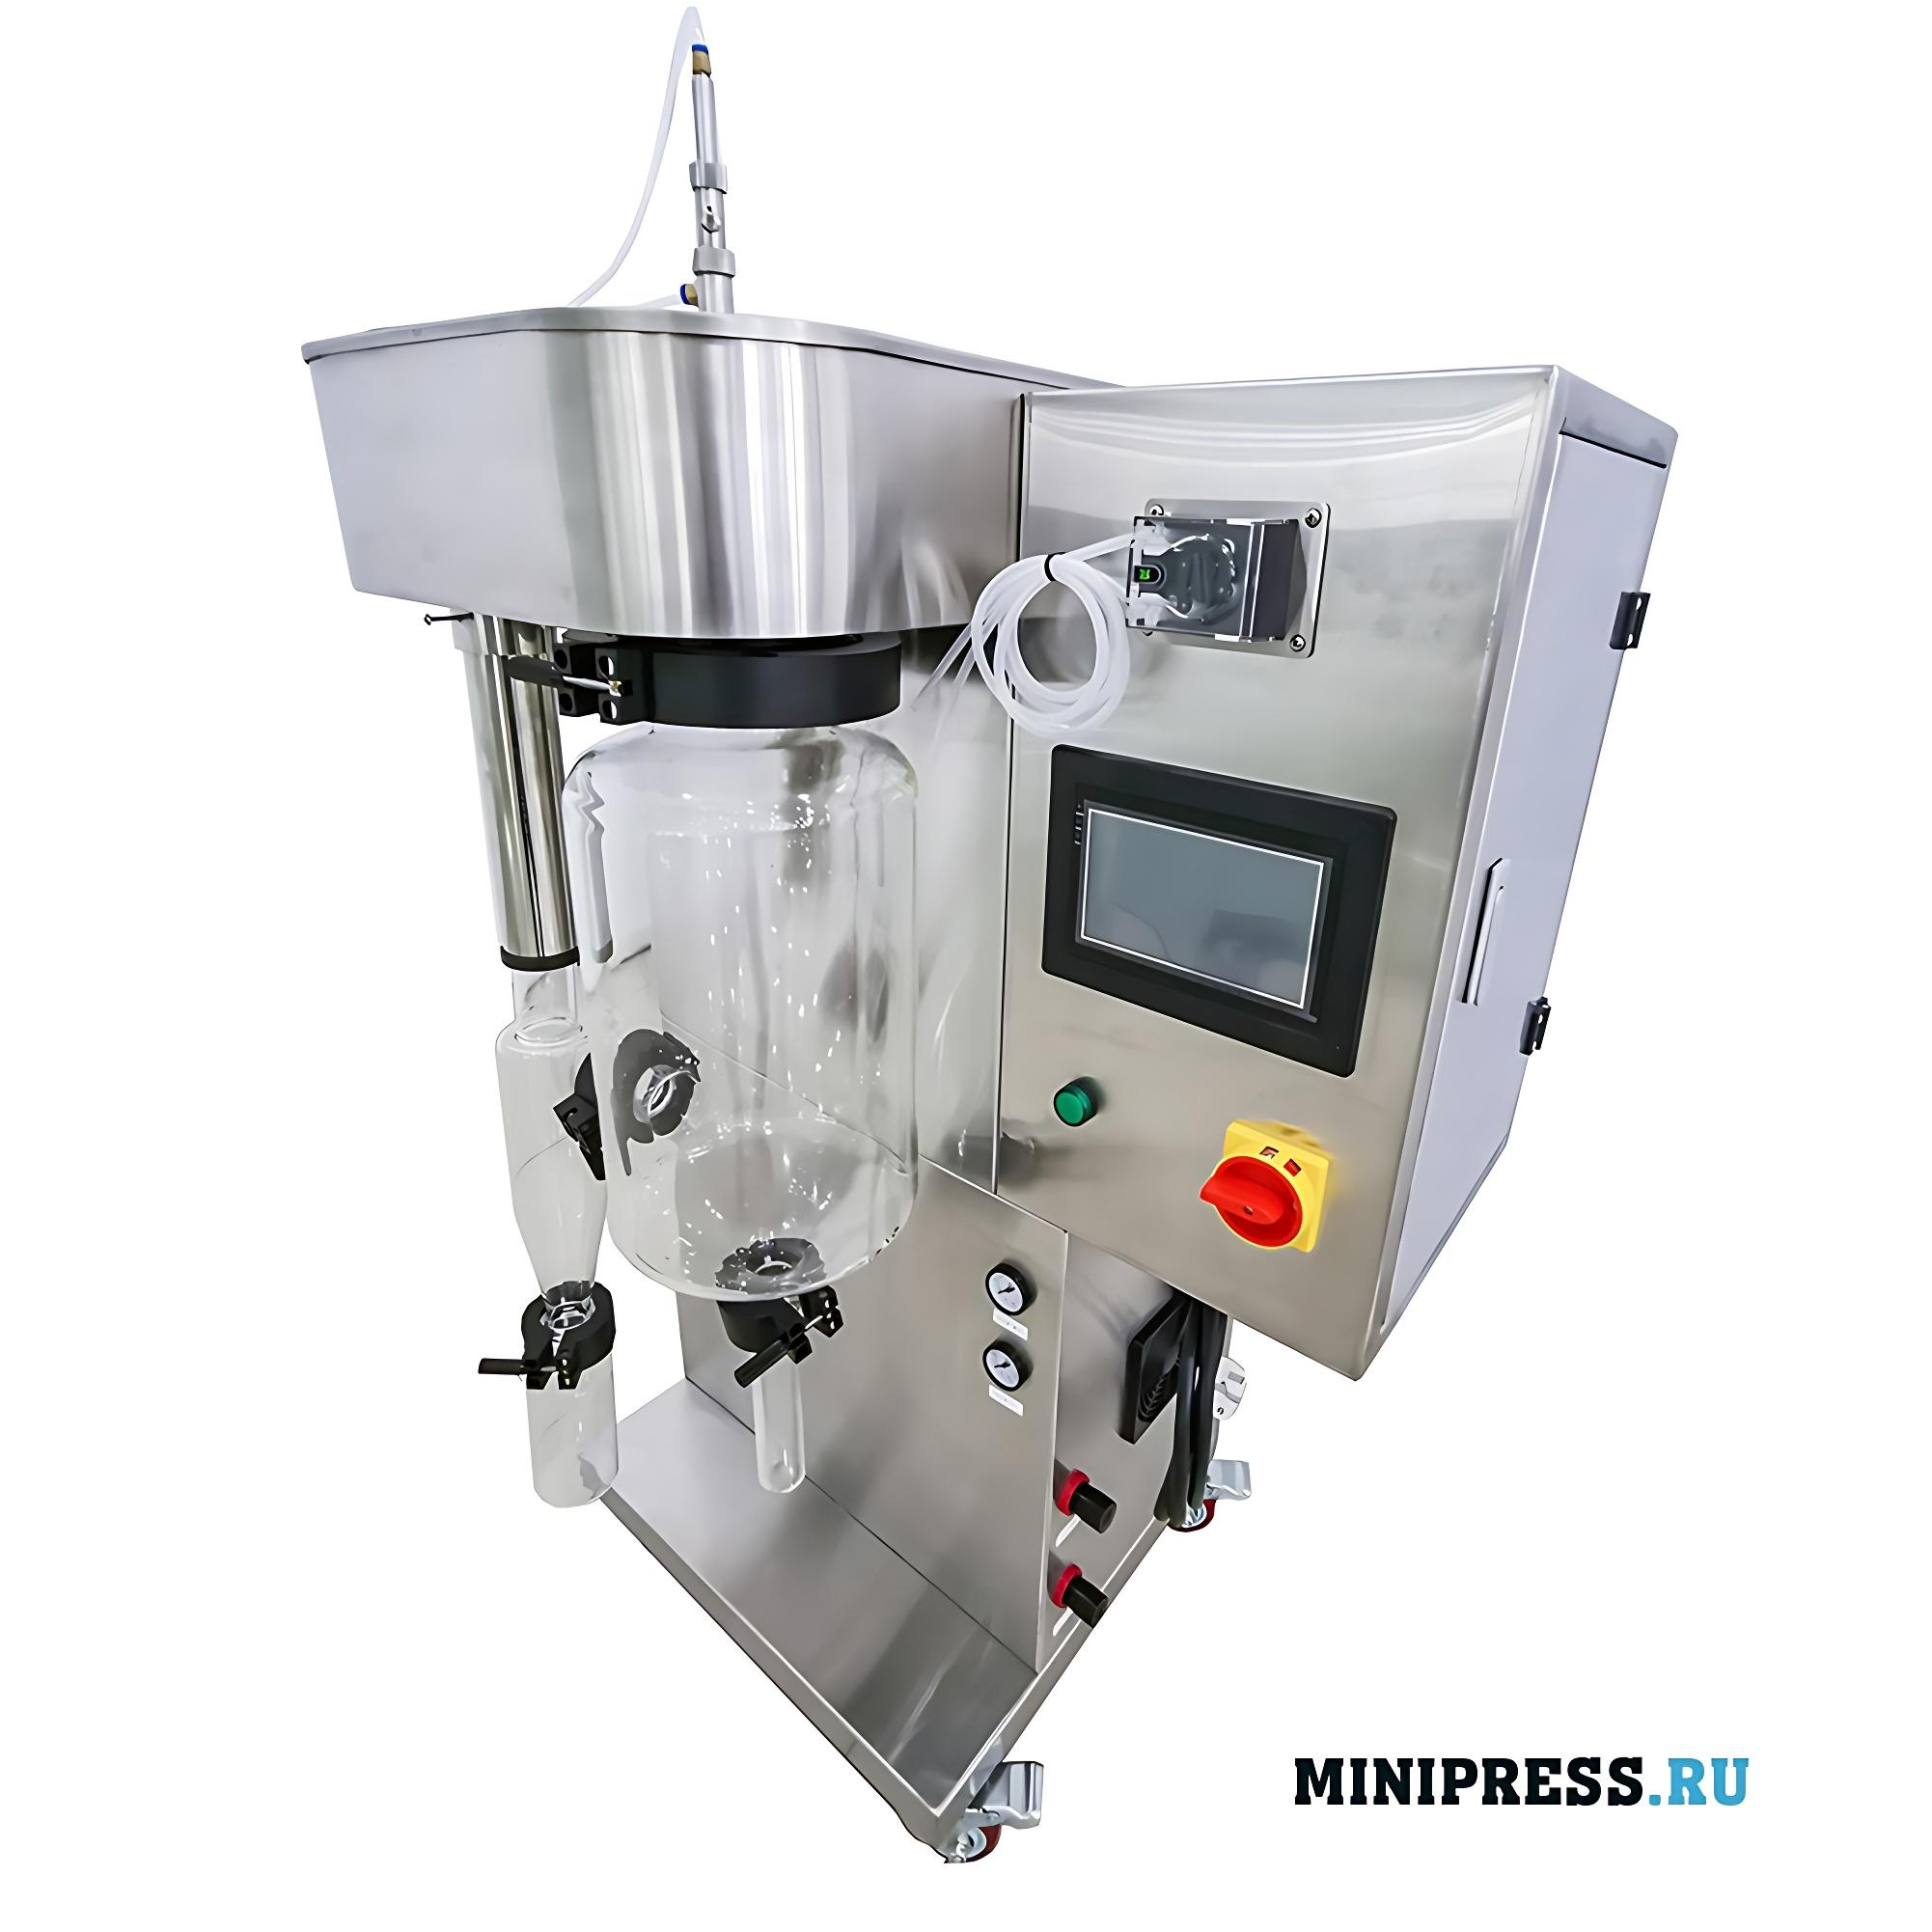 Оборудование для термической сушки чувствительных материалов